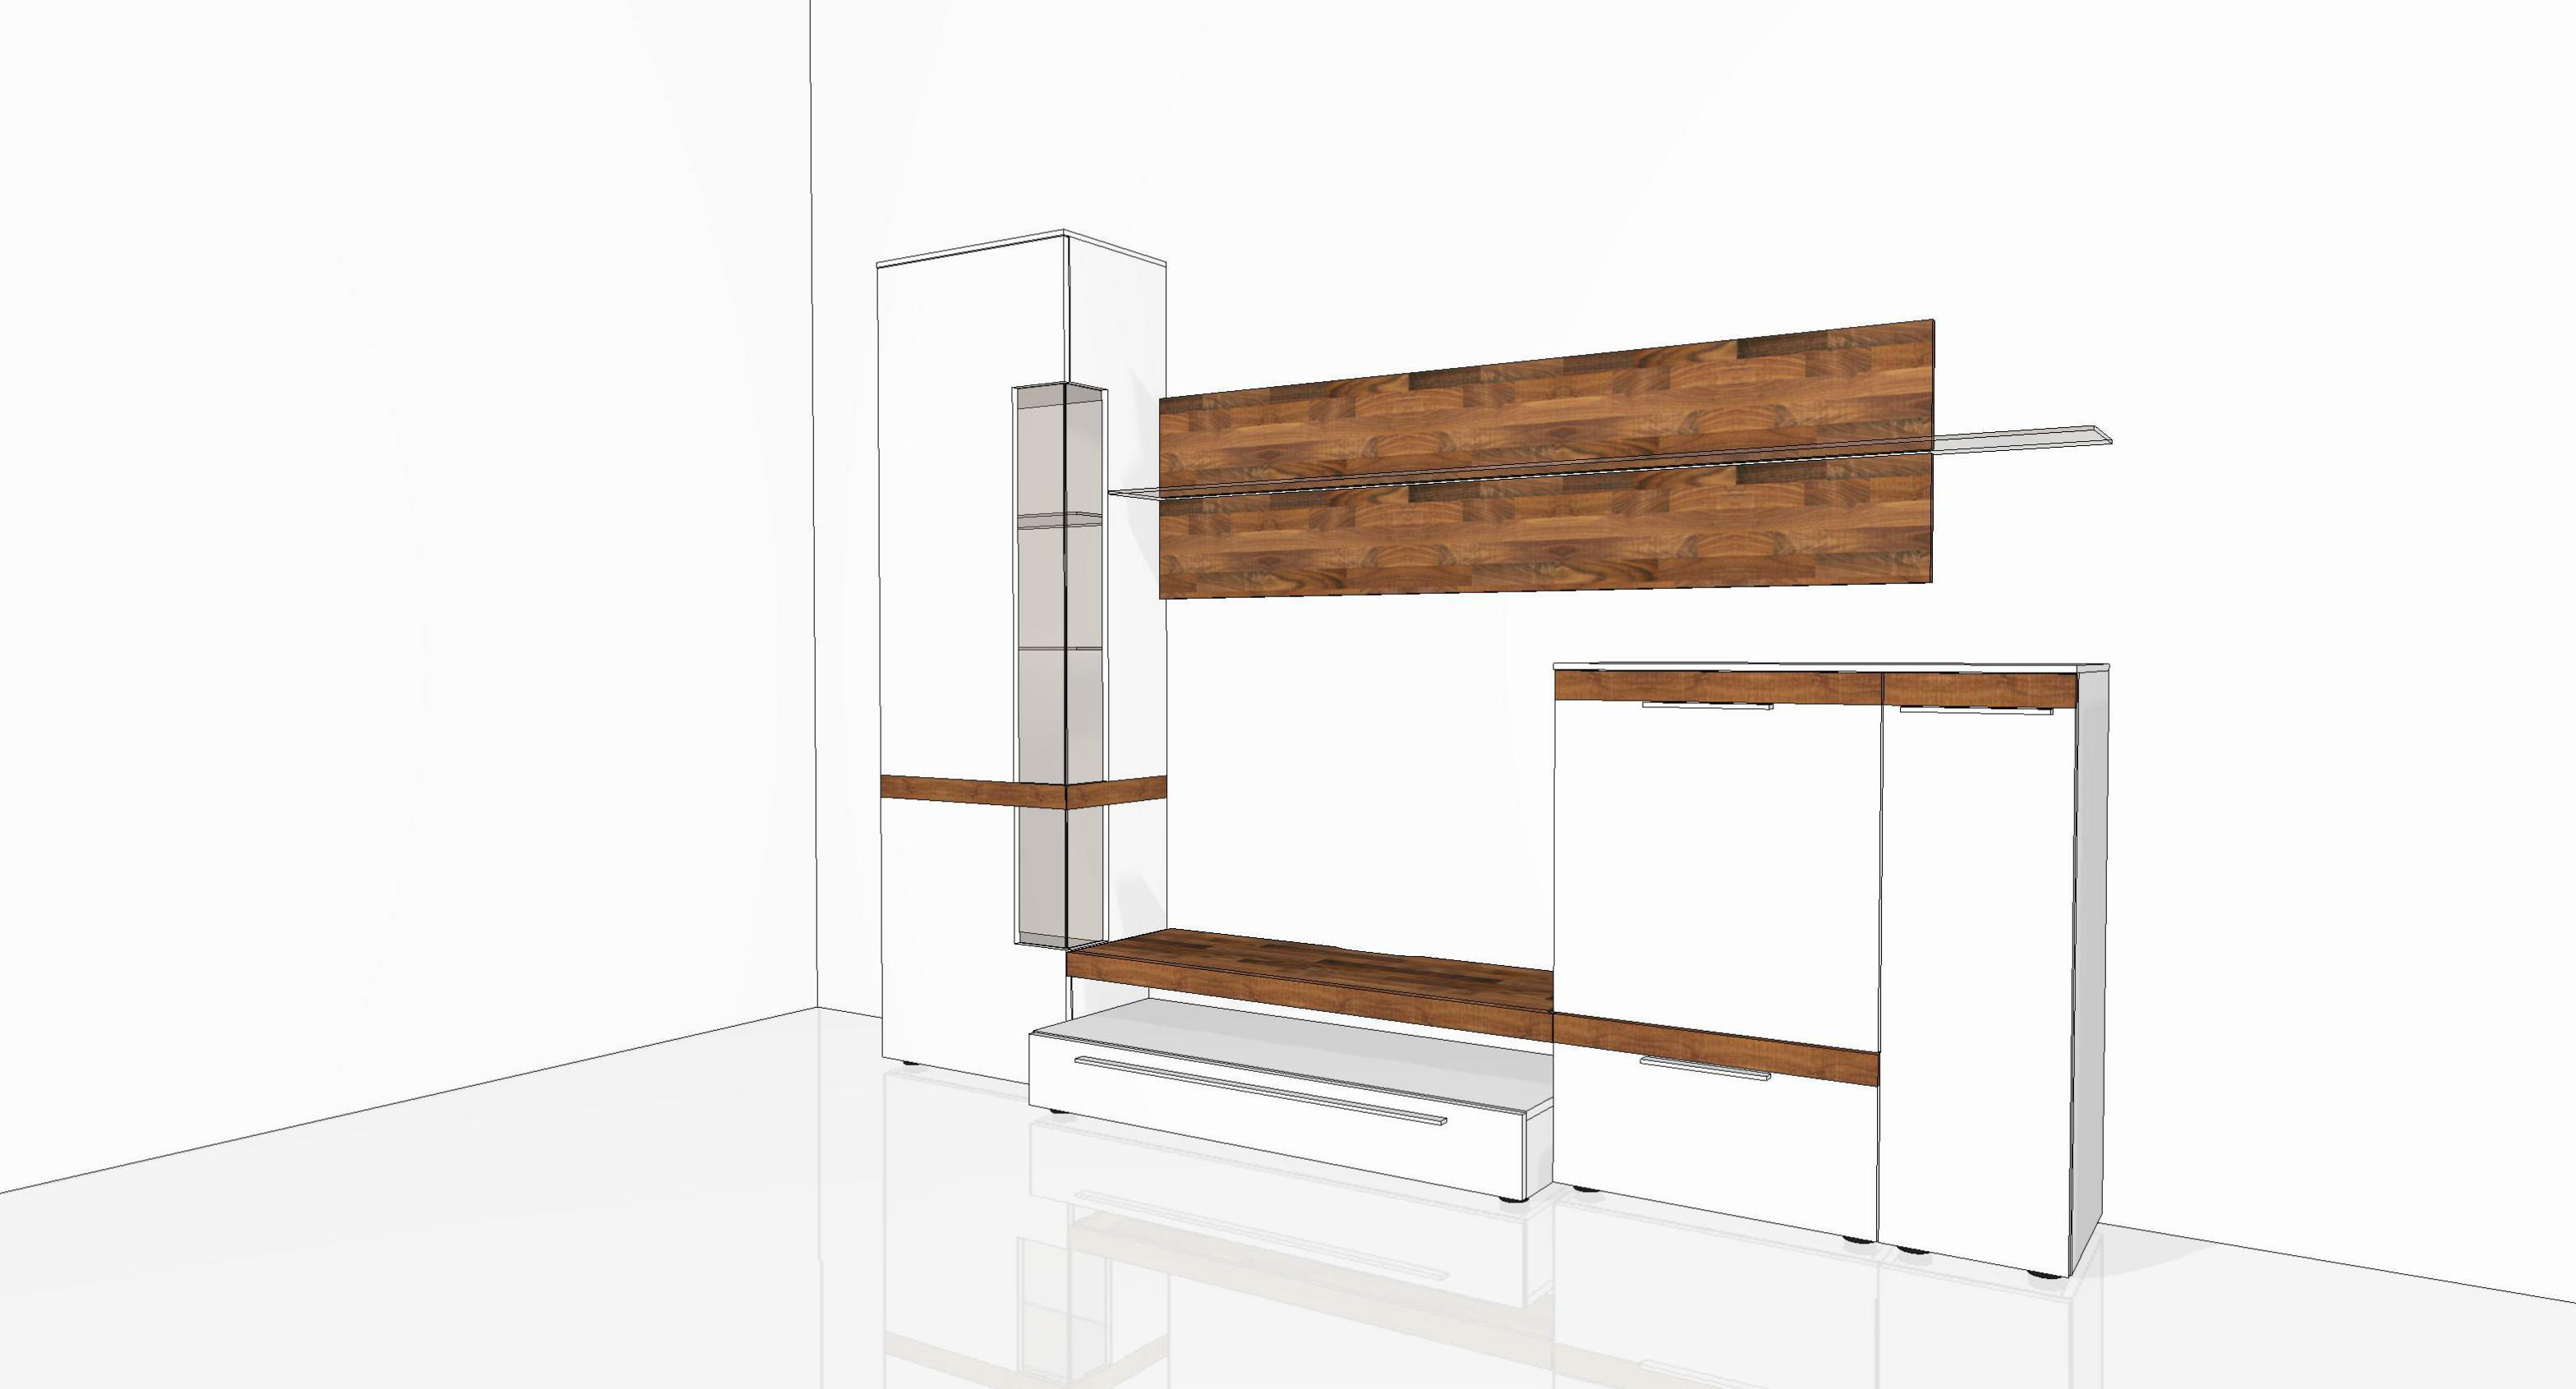 Gwinner Casale Beleuchtung : Wohnwand von Gwinner Wohndesign  Modell Casale Joy wei? seidenmatt